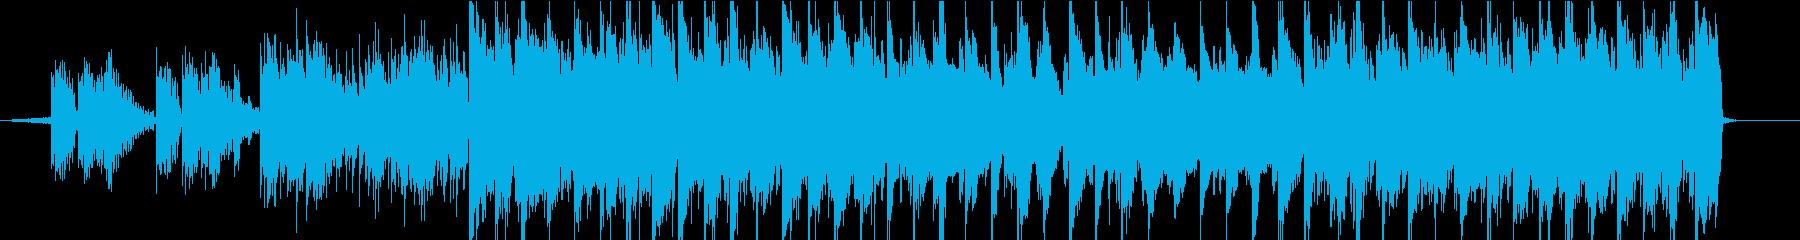 【LoFi hiphop】 チルギターの再生済みの波形